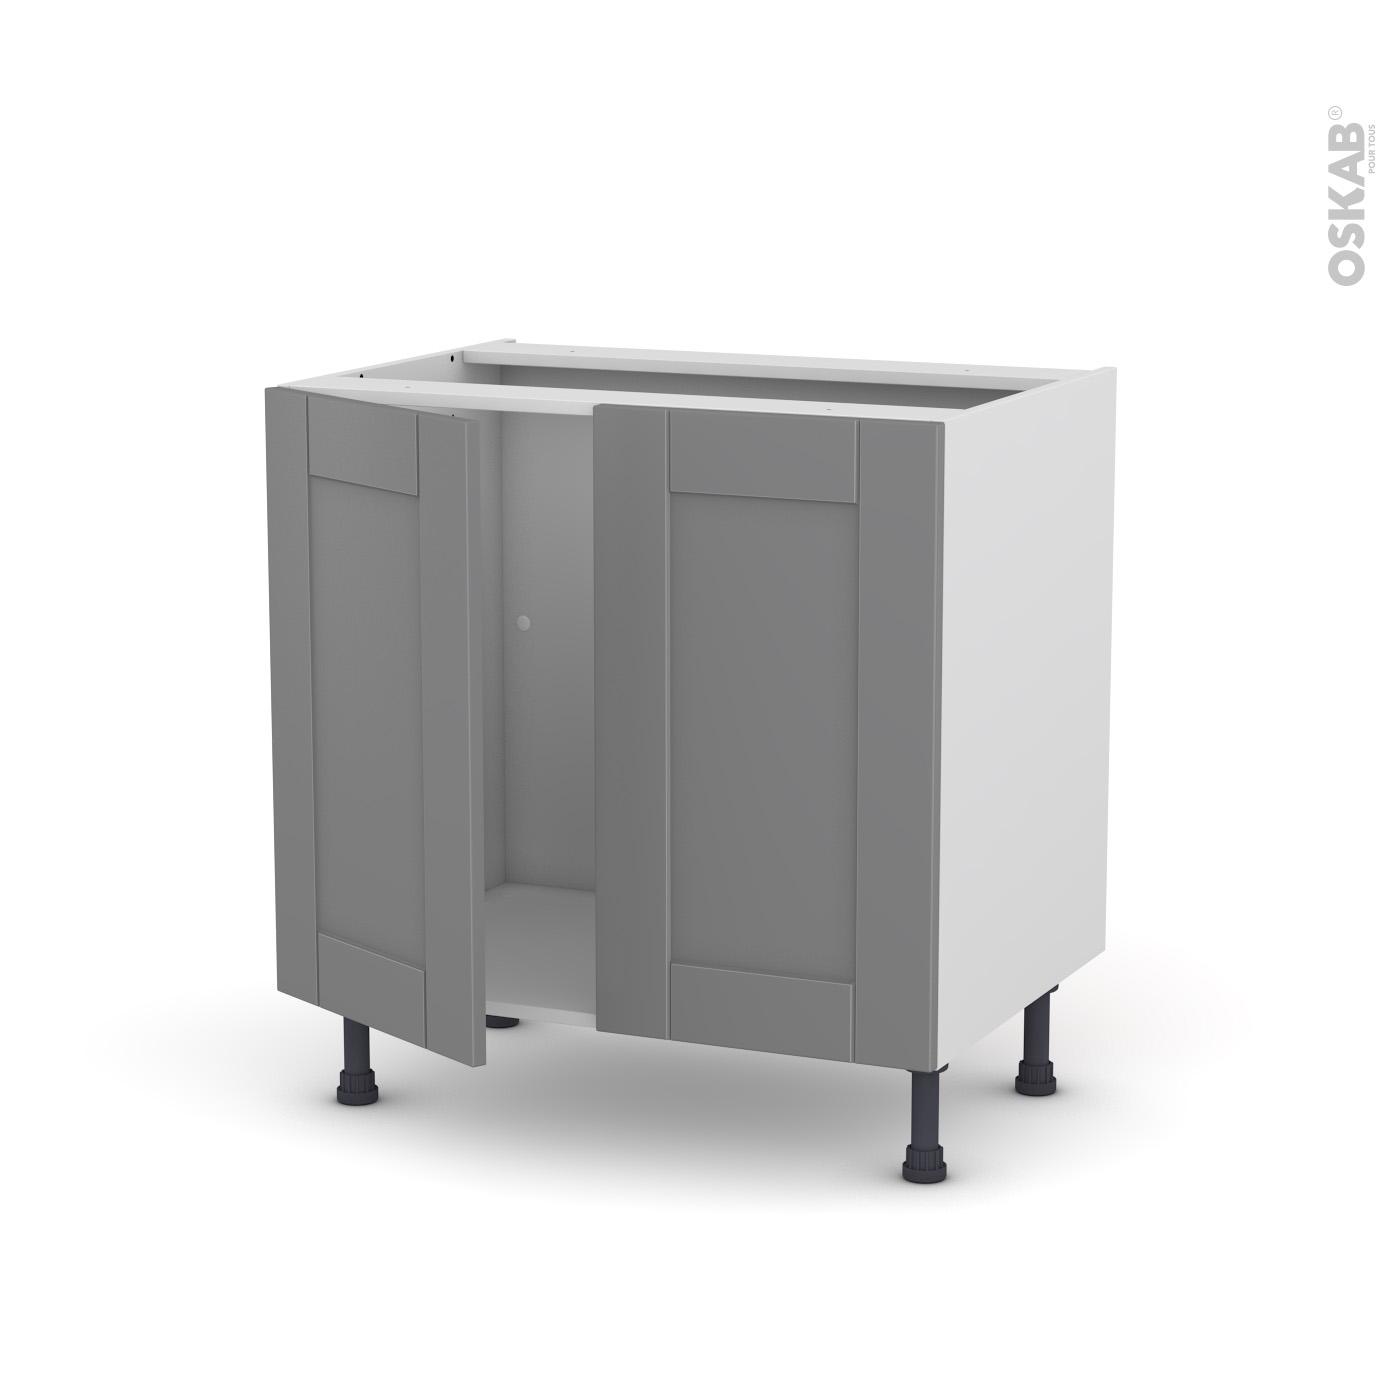 Porte Cuisine Montée Sur Cadre meuble de cuisine sous évier filipen gris, 2 portes, l80 x h70 x p58 cm